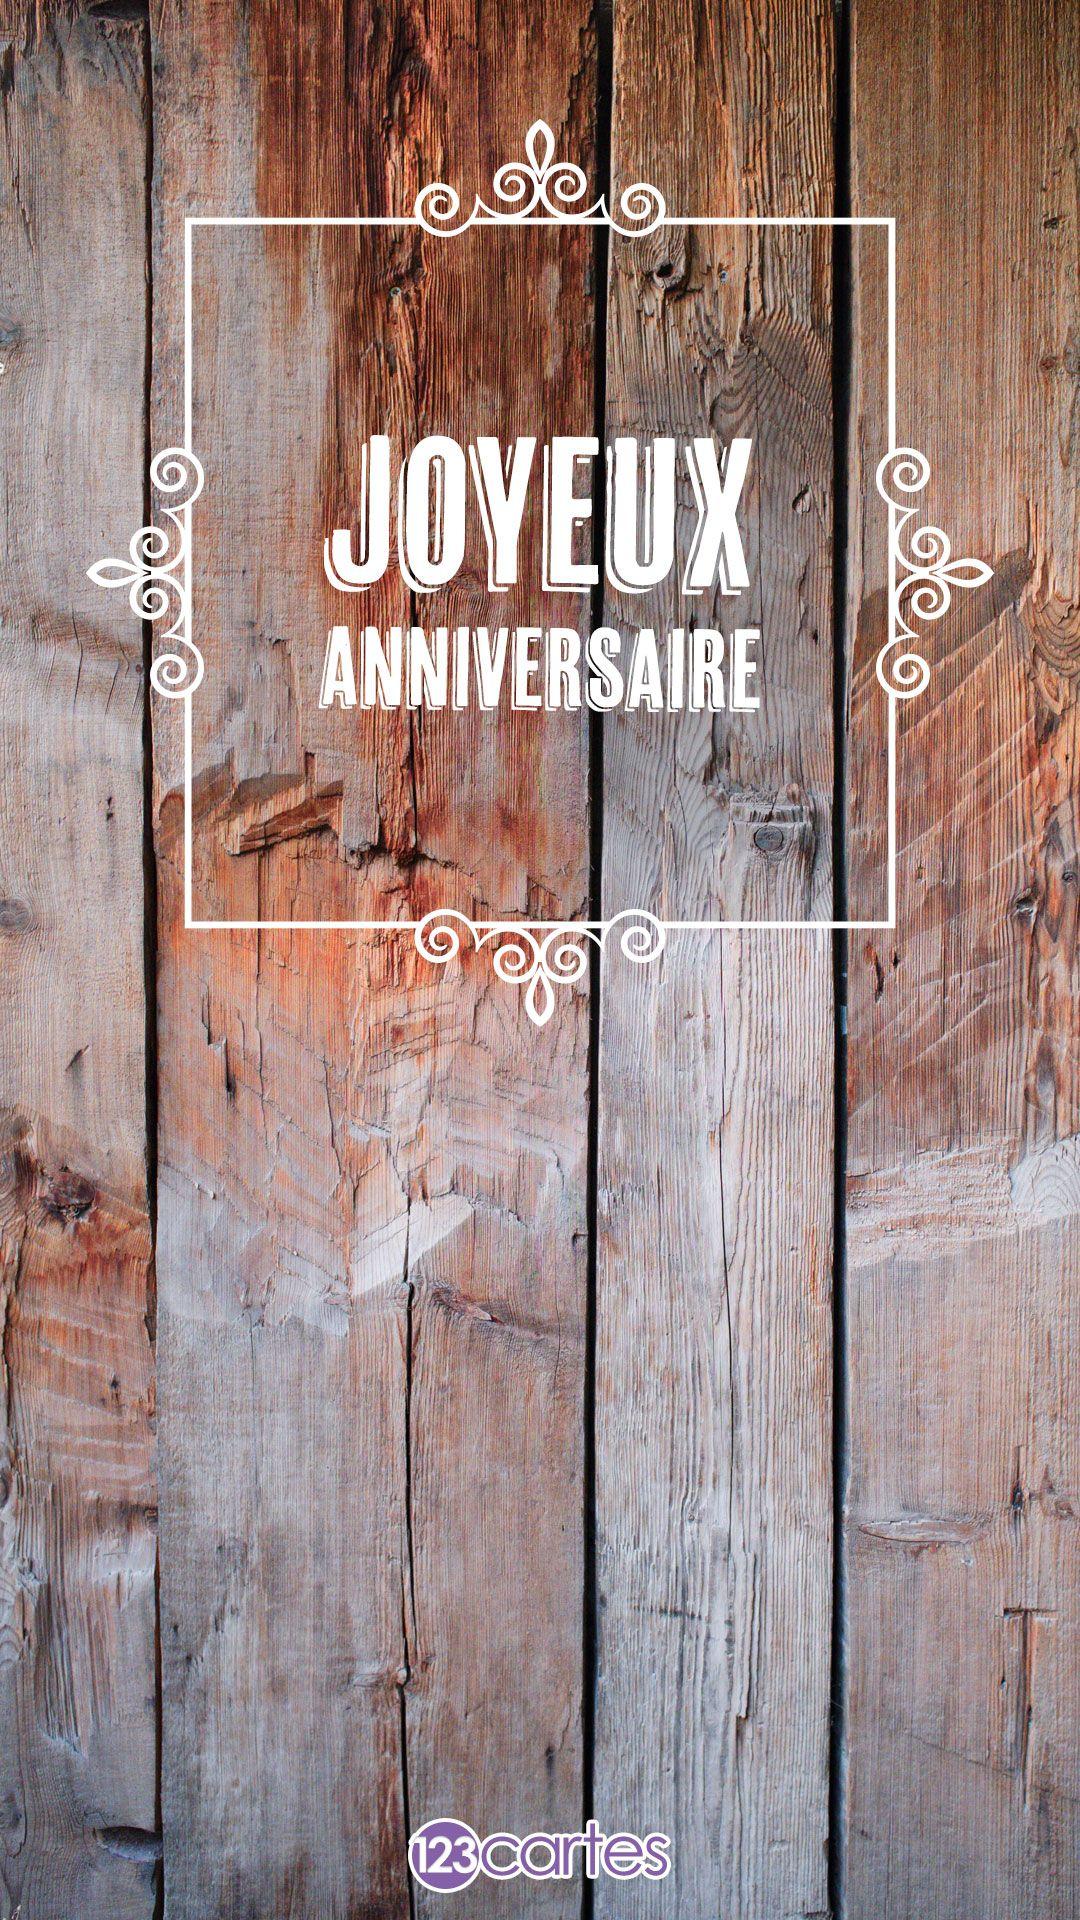 Planches de bois et le texte joyeux anniversaire avec un ornement floral